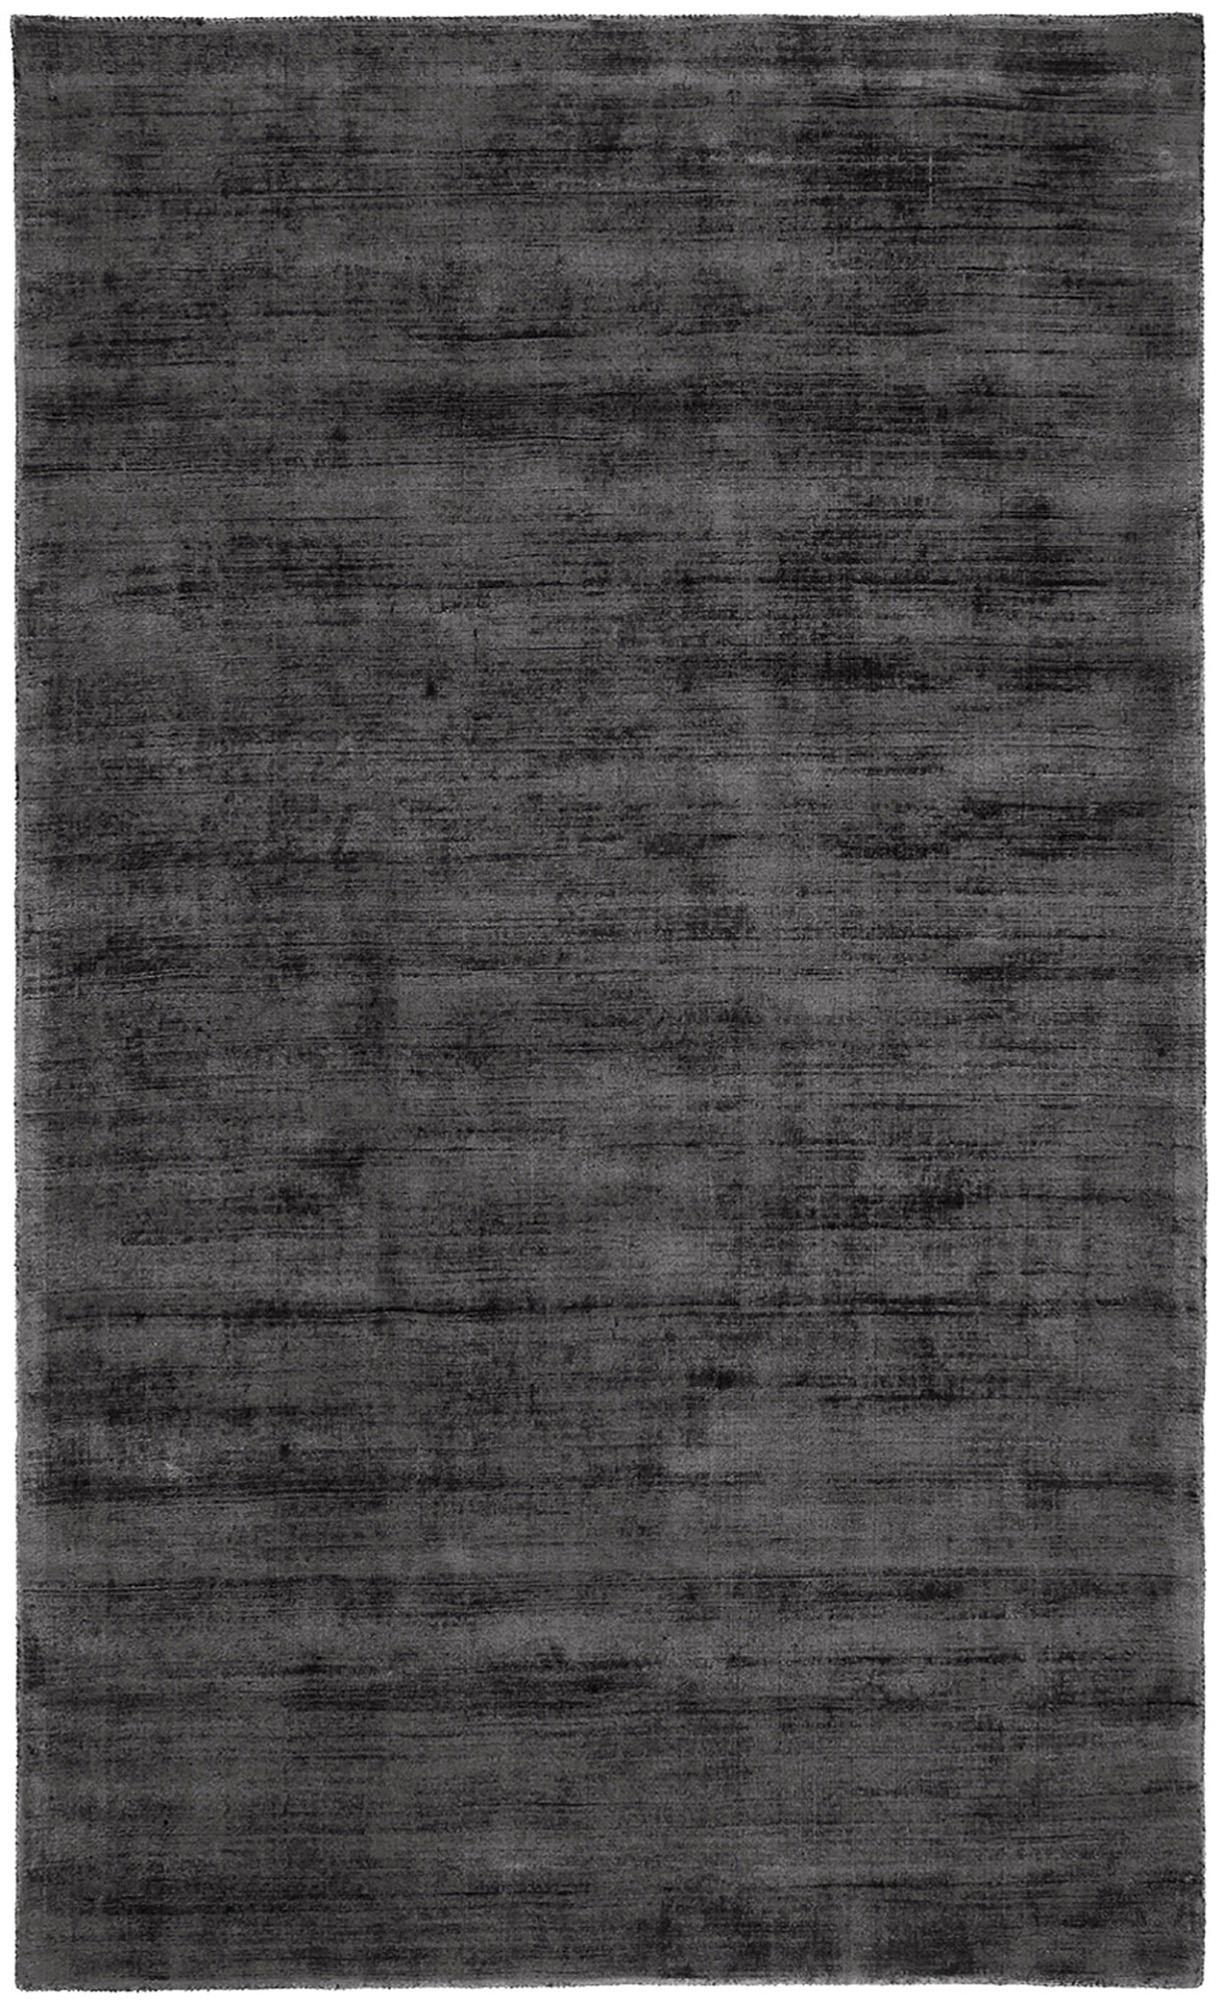 Handgeweven viscose vloerkleed Jane in antraciet-zwart, Bovenzijde: 100% viscose, Onderzijde: 100% katoen, Antraciet-zwart, 90 x 150 cm